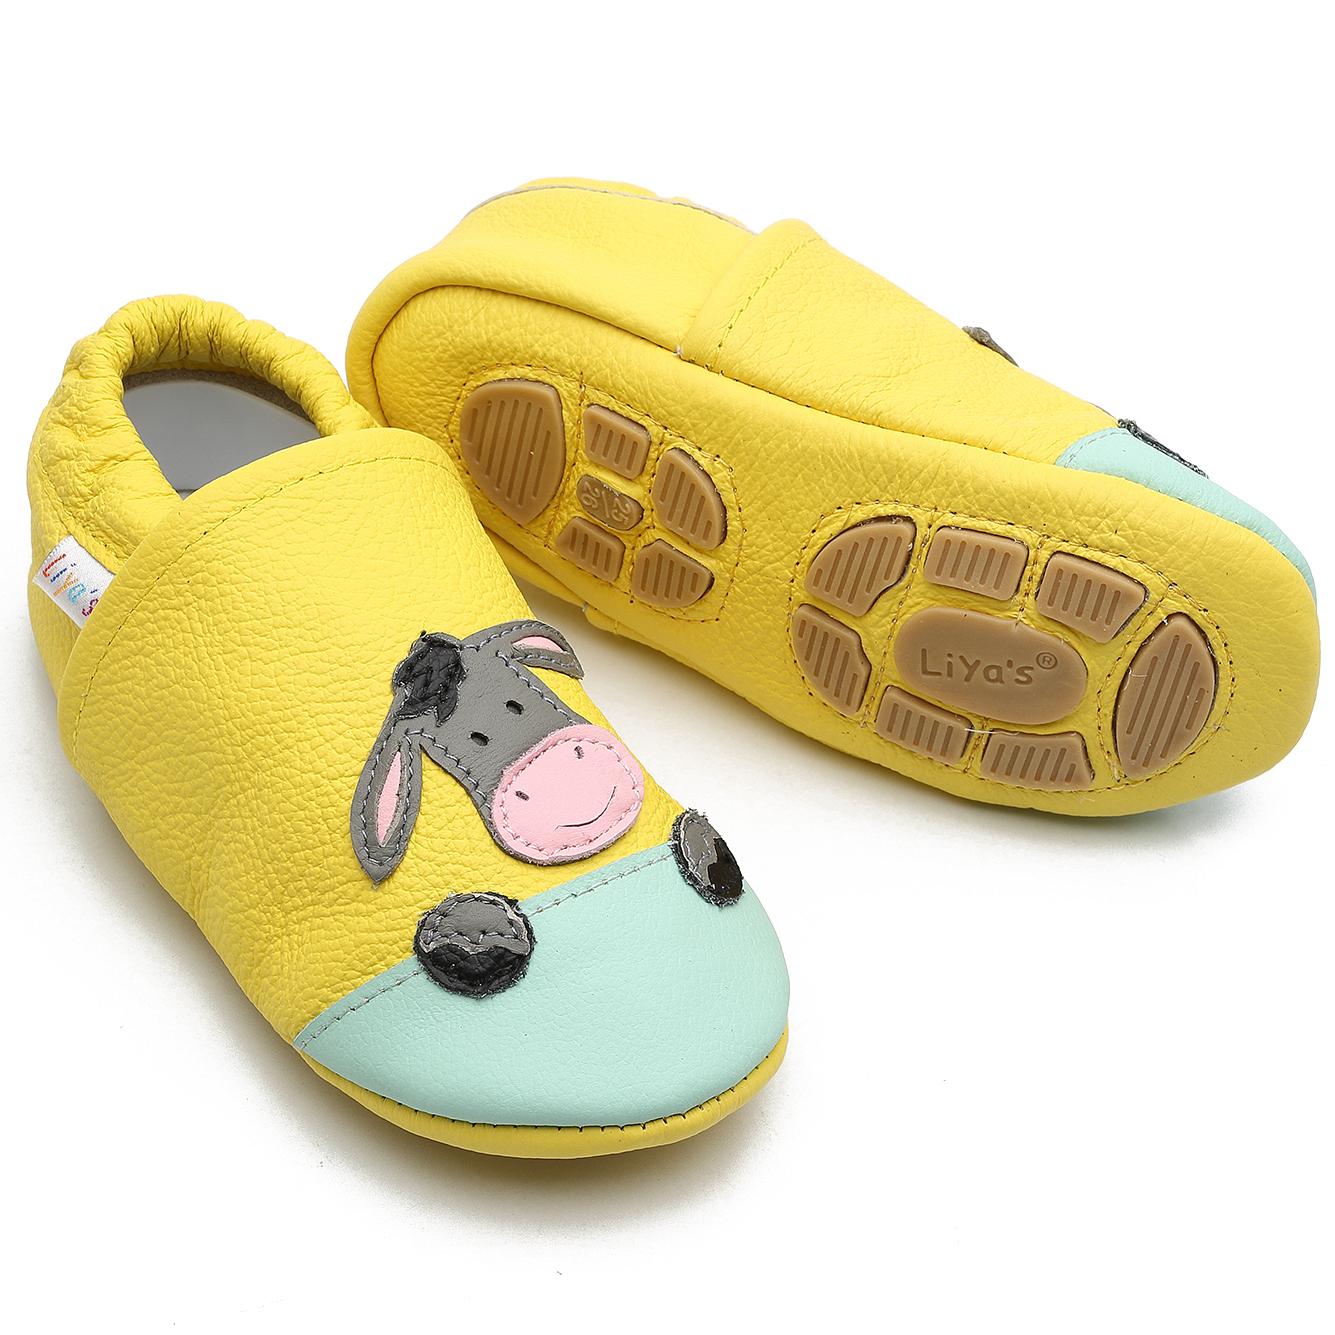 Liya's Babyschuhe Hausschuhe Lederpuschen Turnschläppchen